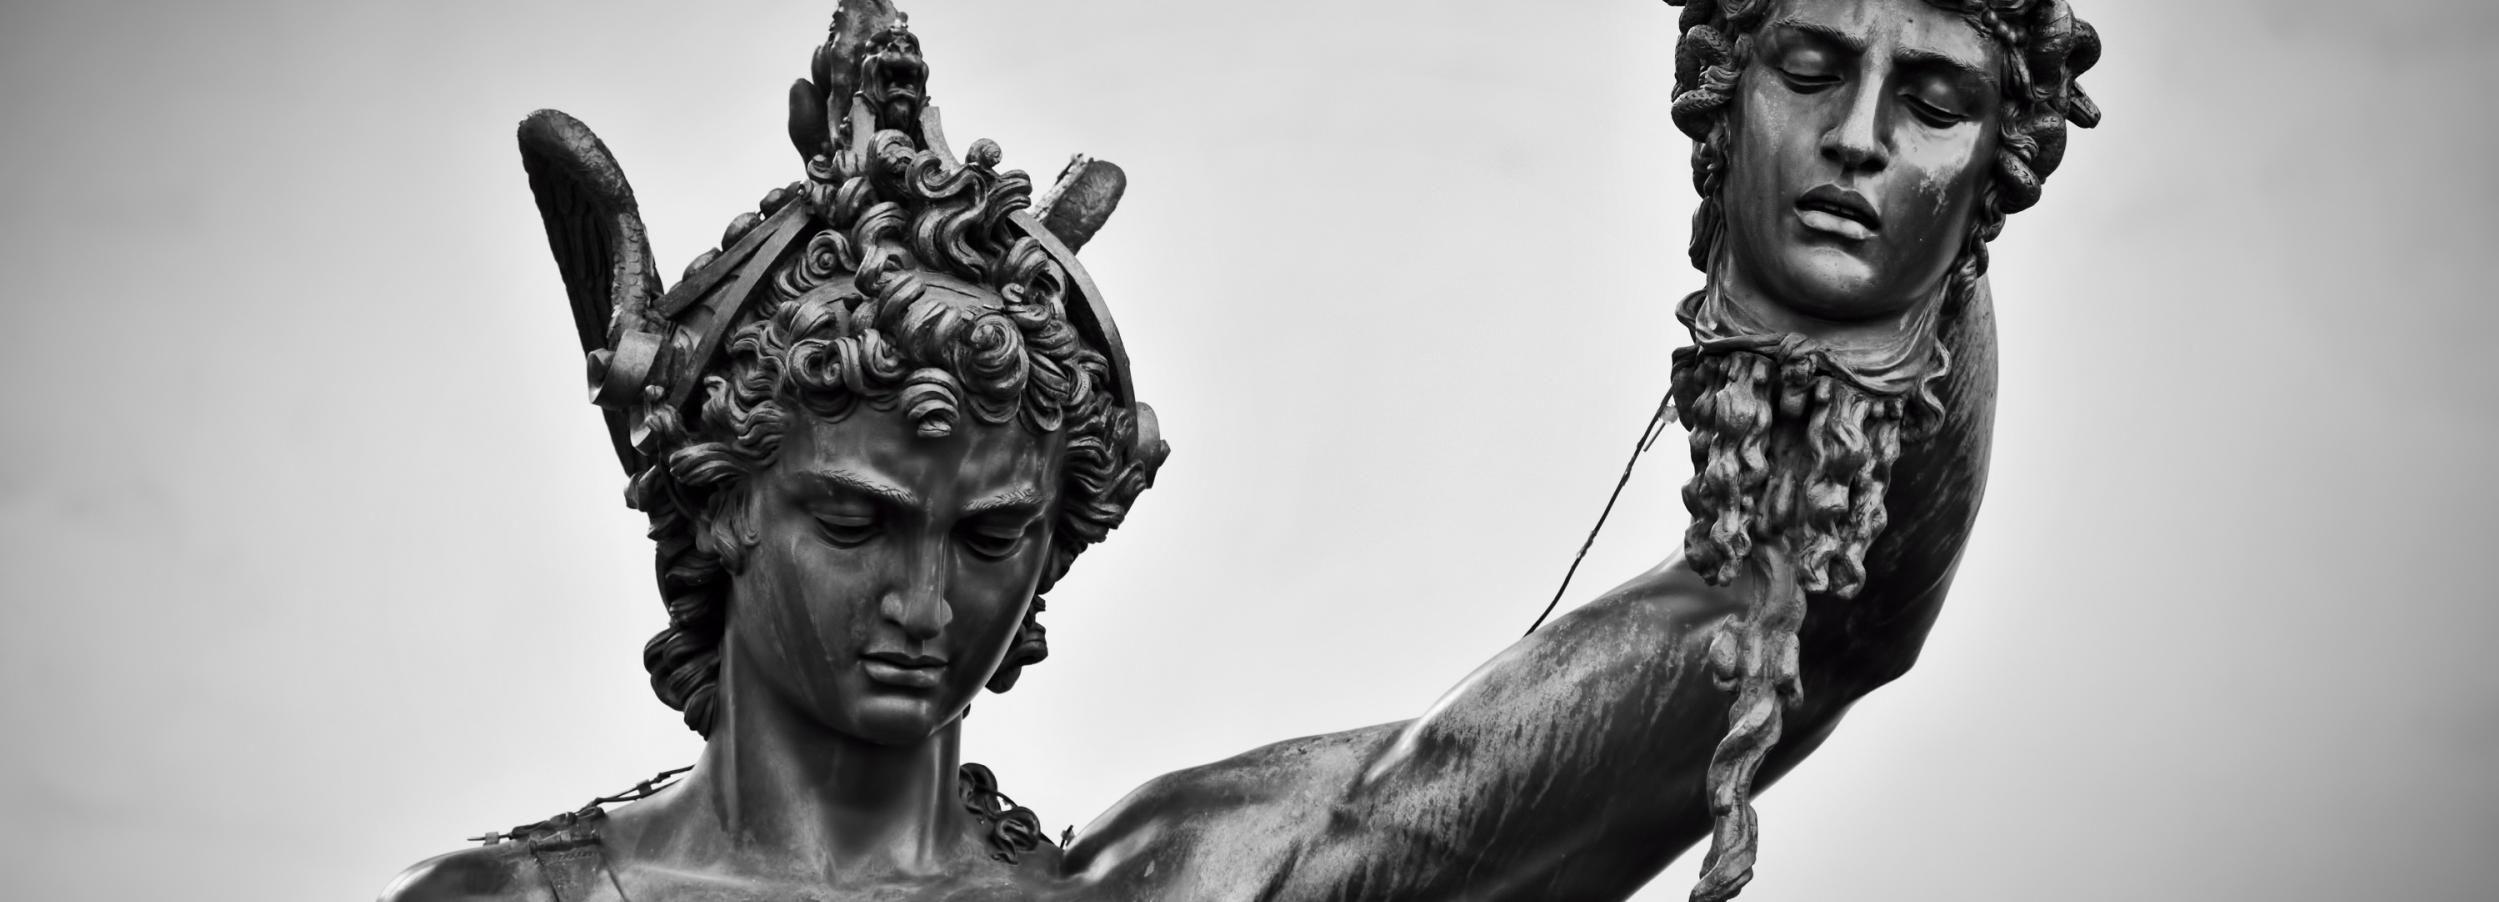 Florença: 2 horas Os Segredos da Cidade Walking Tour